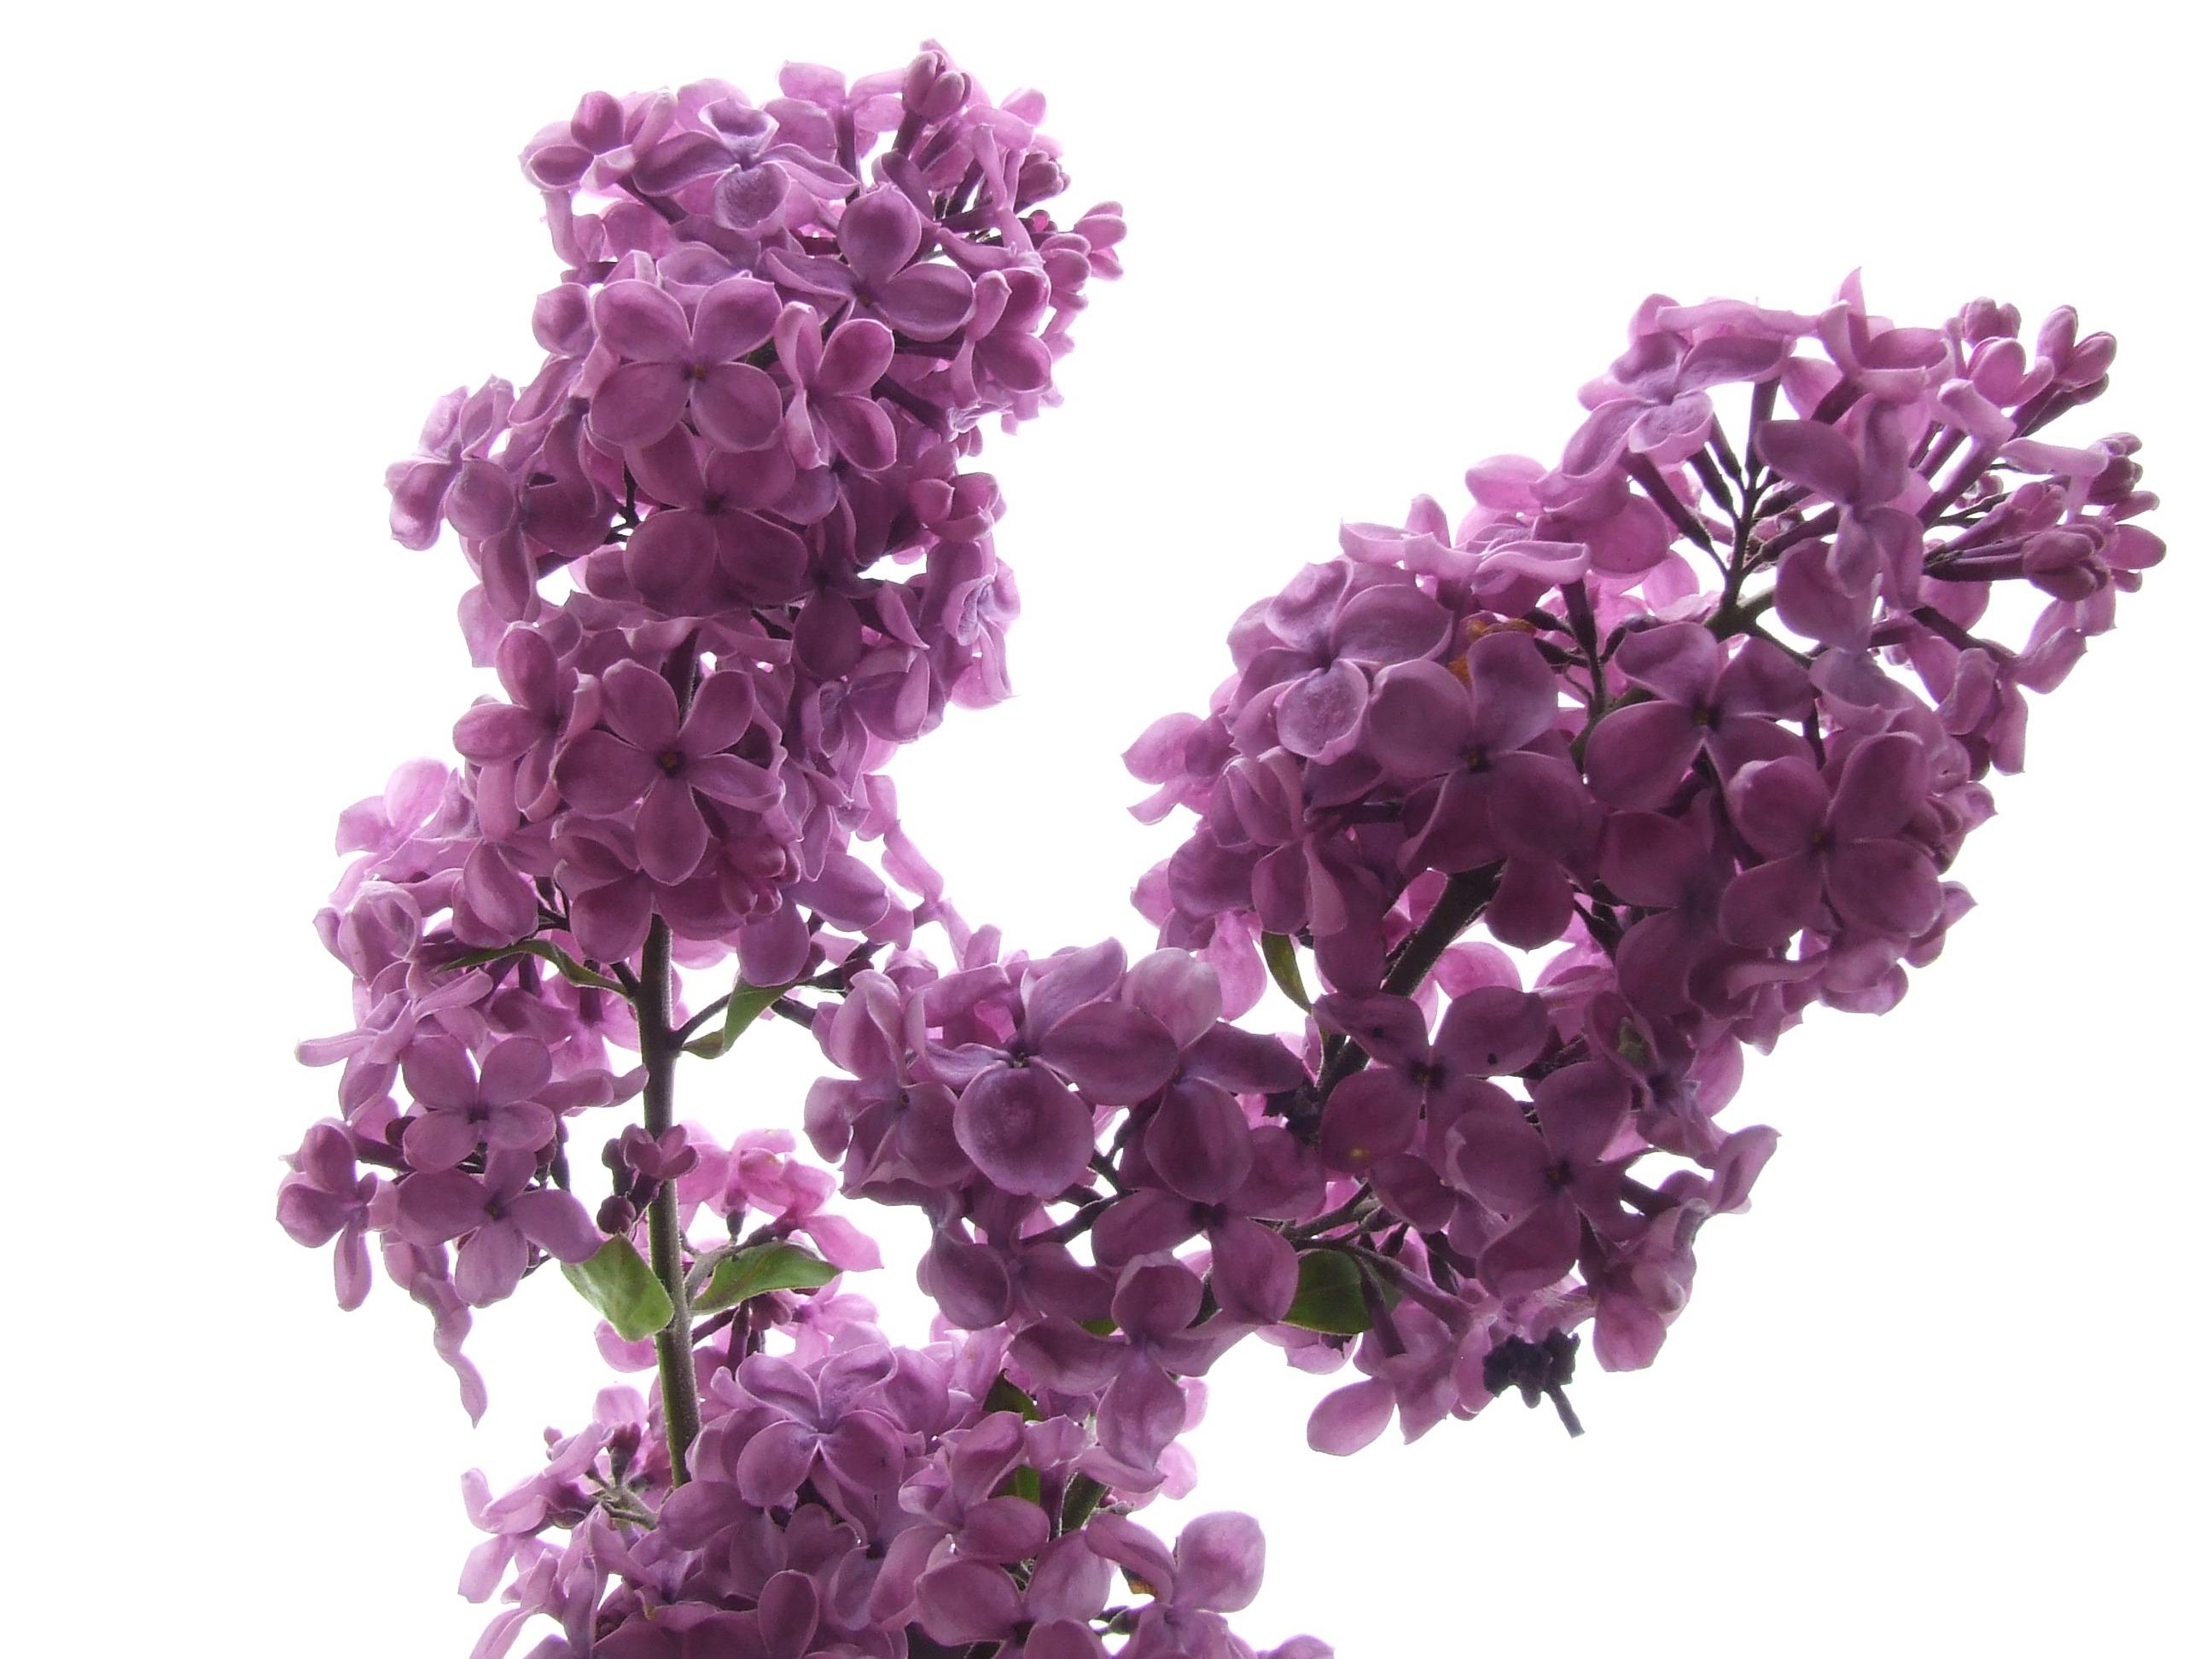 รูปภาพ : ปลูก, สีม่วง, กลีบดอกไม้, เบ่งบาน, ไม้พุ่ม, หอม, พืชดอก,  สาขาไลแลค, โรงงานที่ดิน, ภาษาอังกฤษลาเวนเดอร์, fllieder 2592x1944 - -  969674 - ภาพ สวย ๆ - PxHere